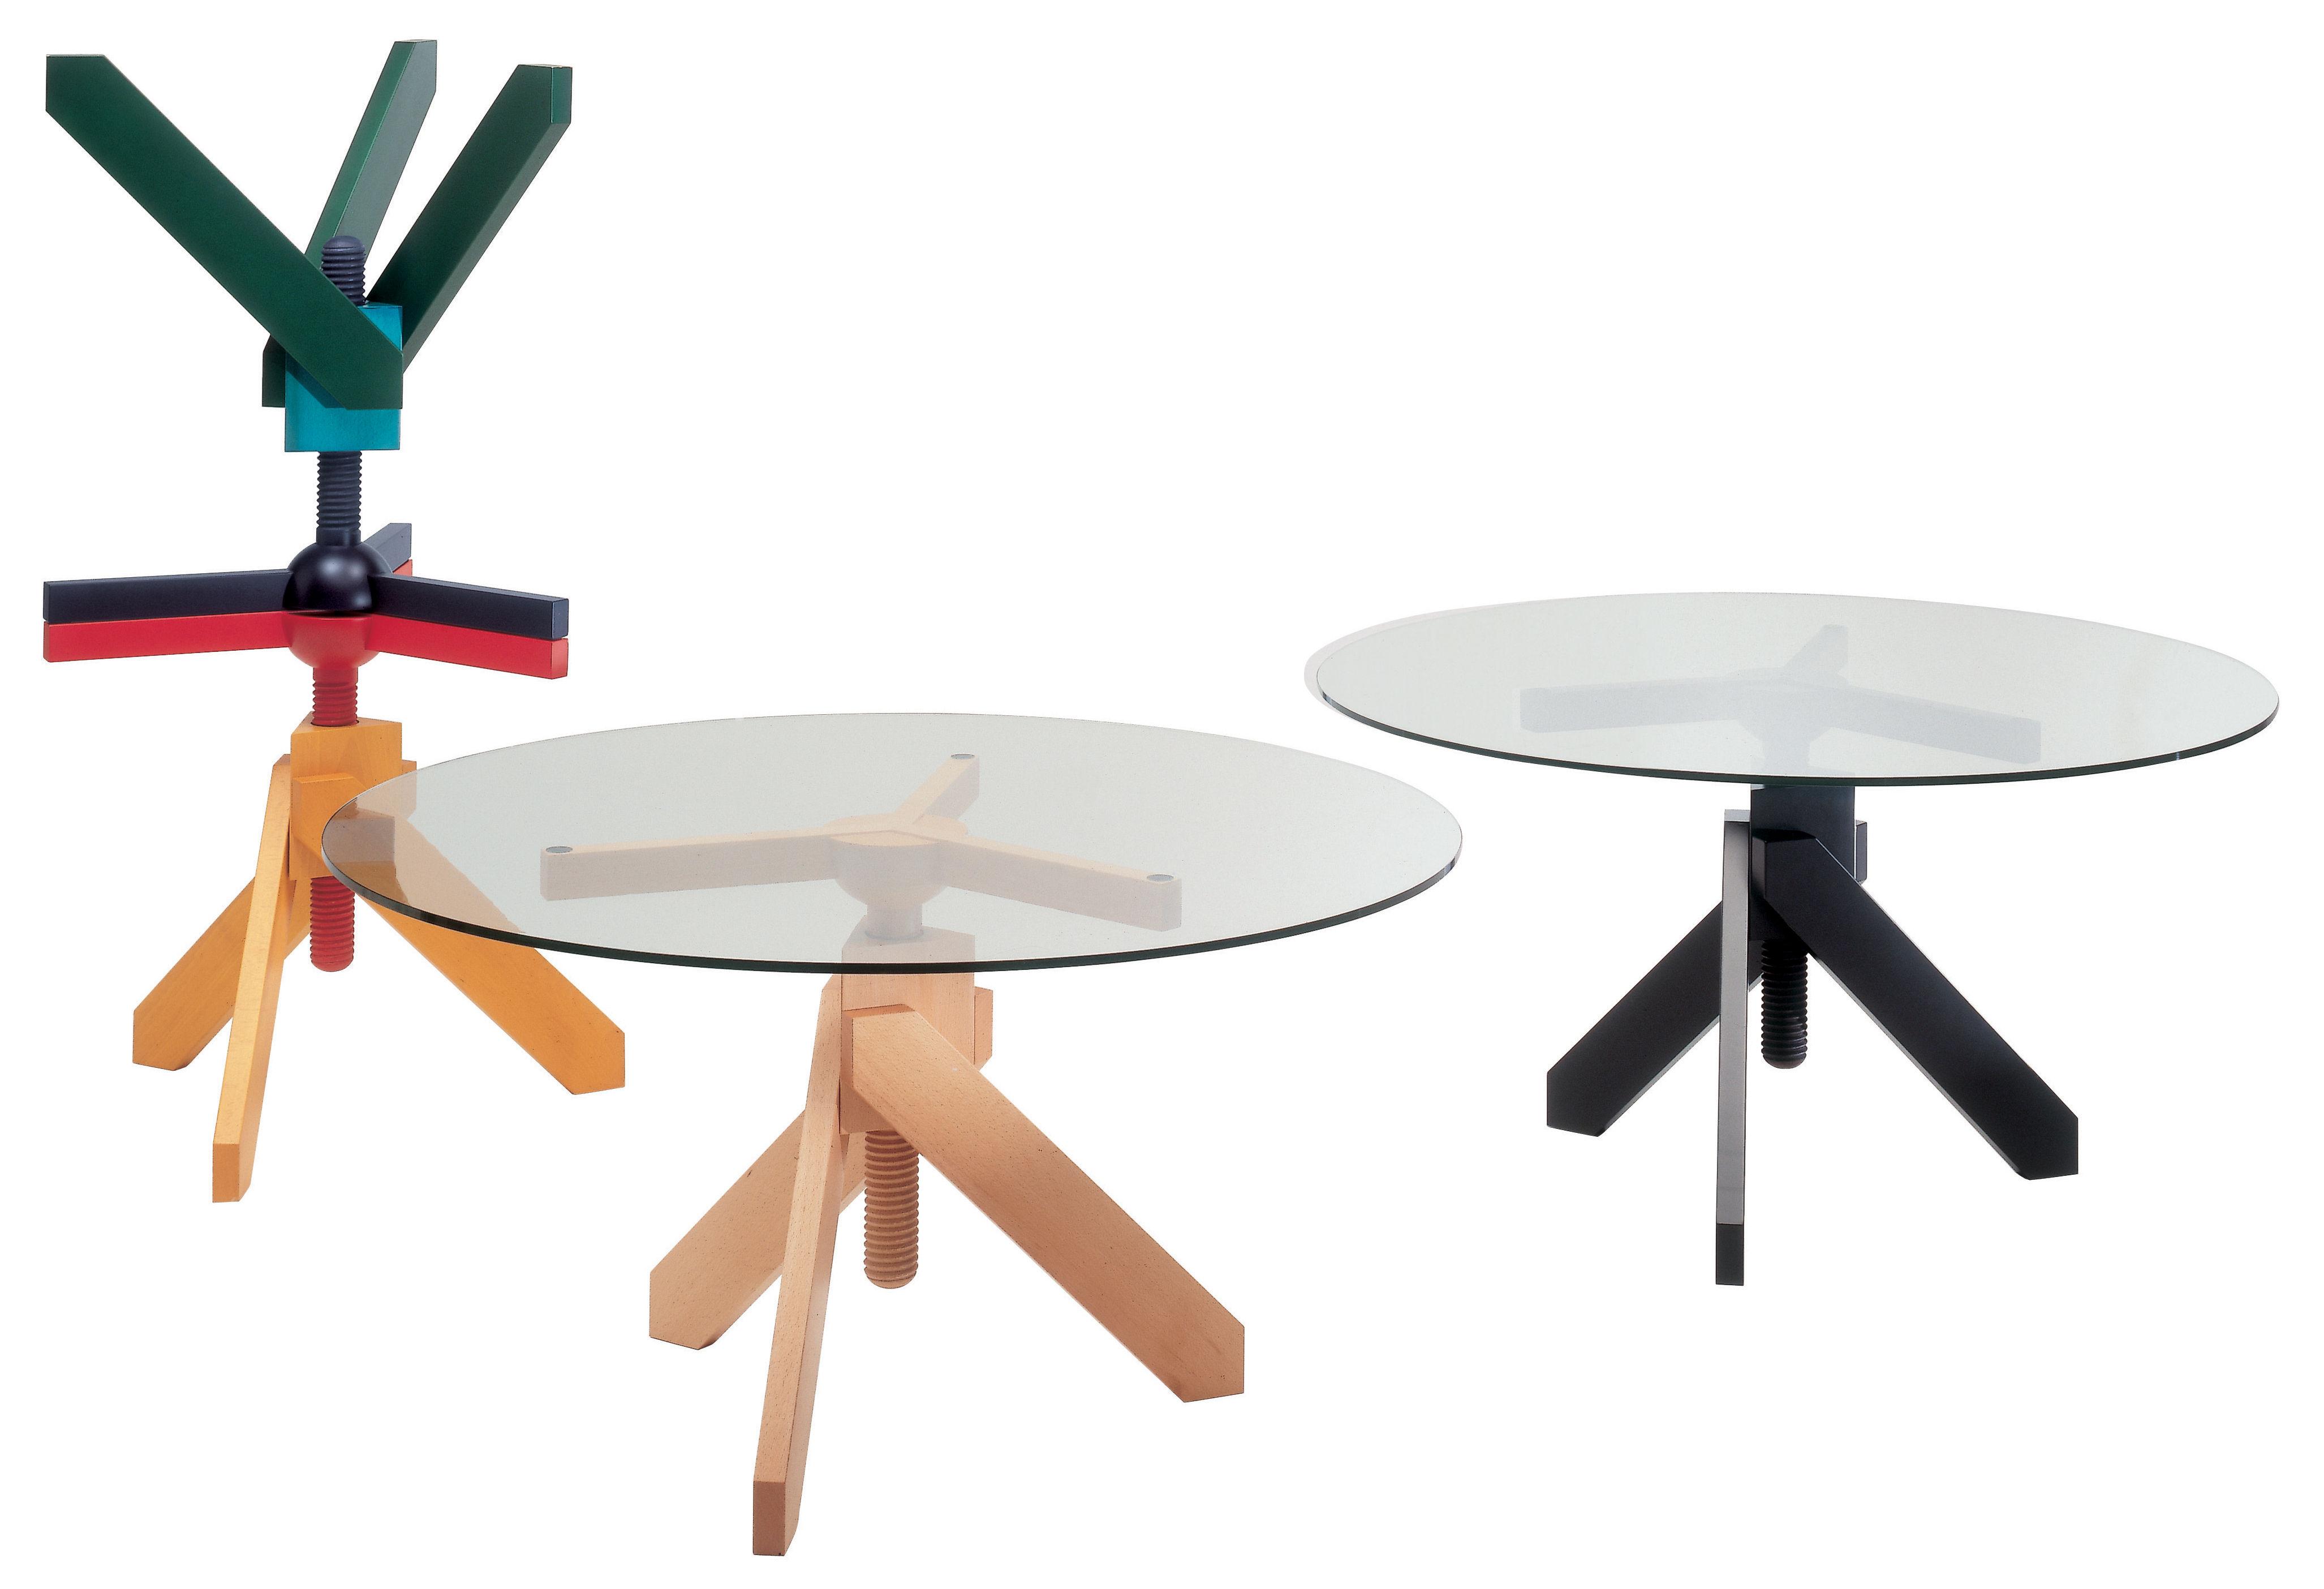 Scopri tavolo vidun altezza regolabile nero di de padova - Tavolo regolabile in altezza ...